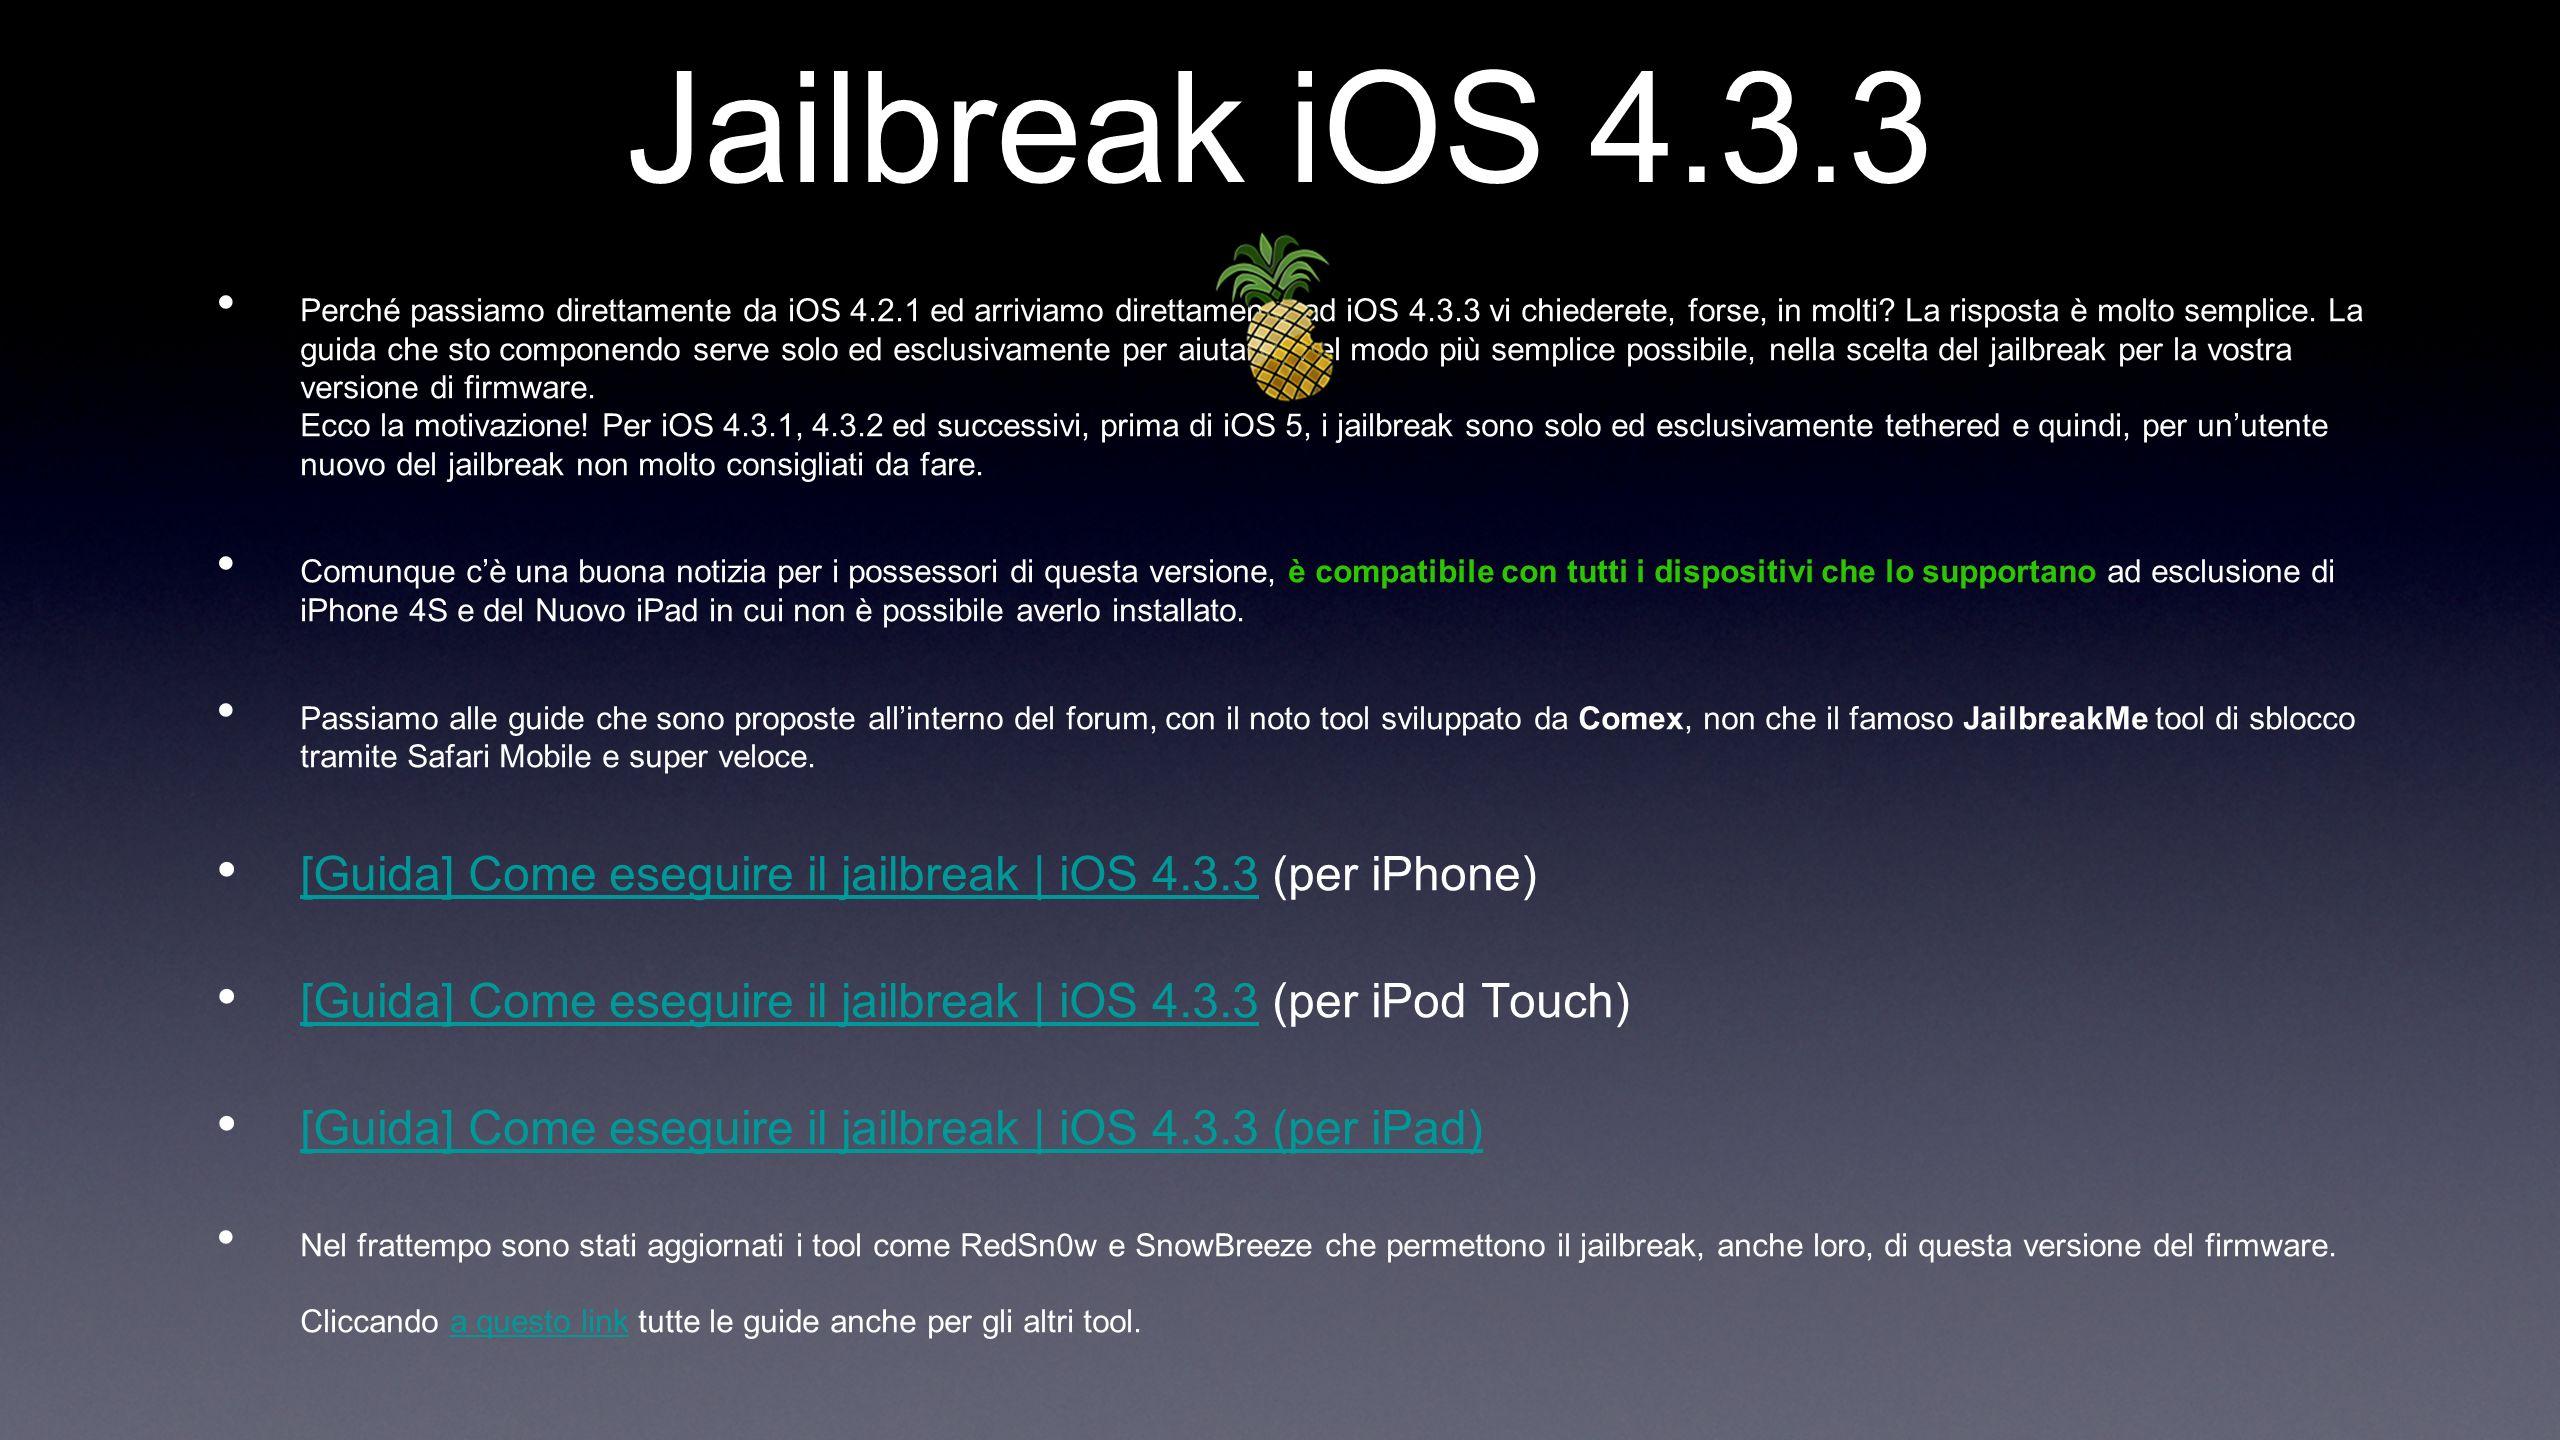 Jailbreak iOS 4.3.3 Perché passiamo direttamente da iOS 4.2.1 ed arriviamo direttamente ad iOS 4.3.3 vi chiederete, forse, in molti? La risposta è mol